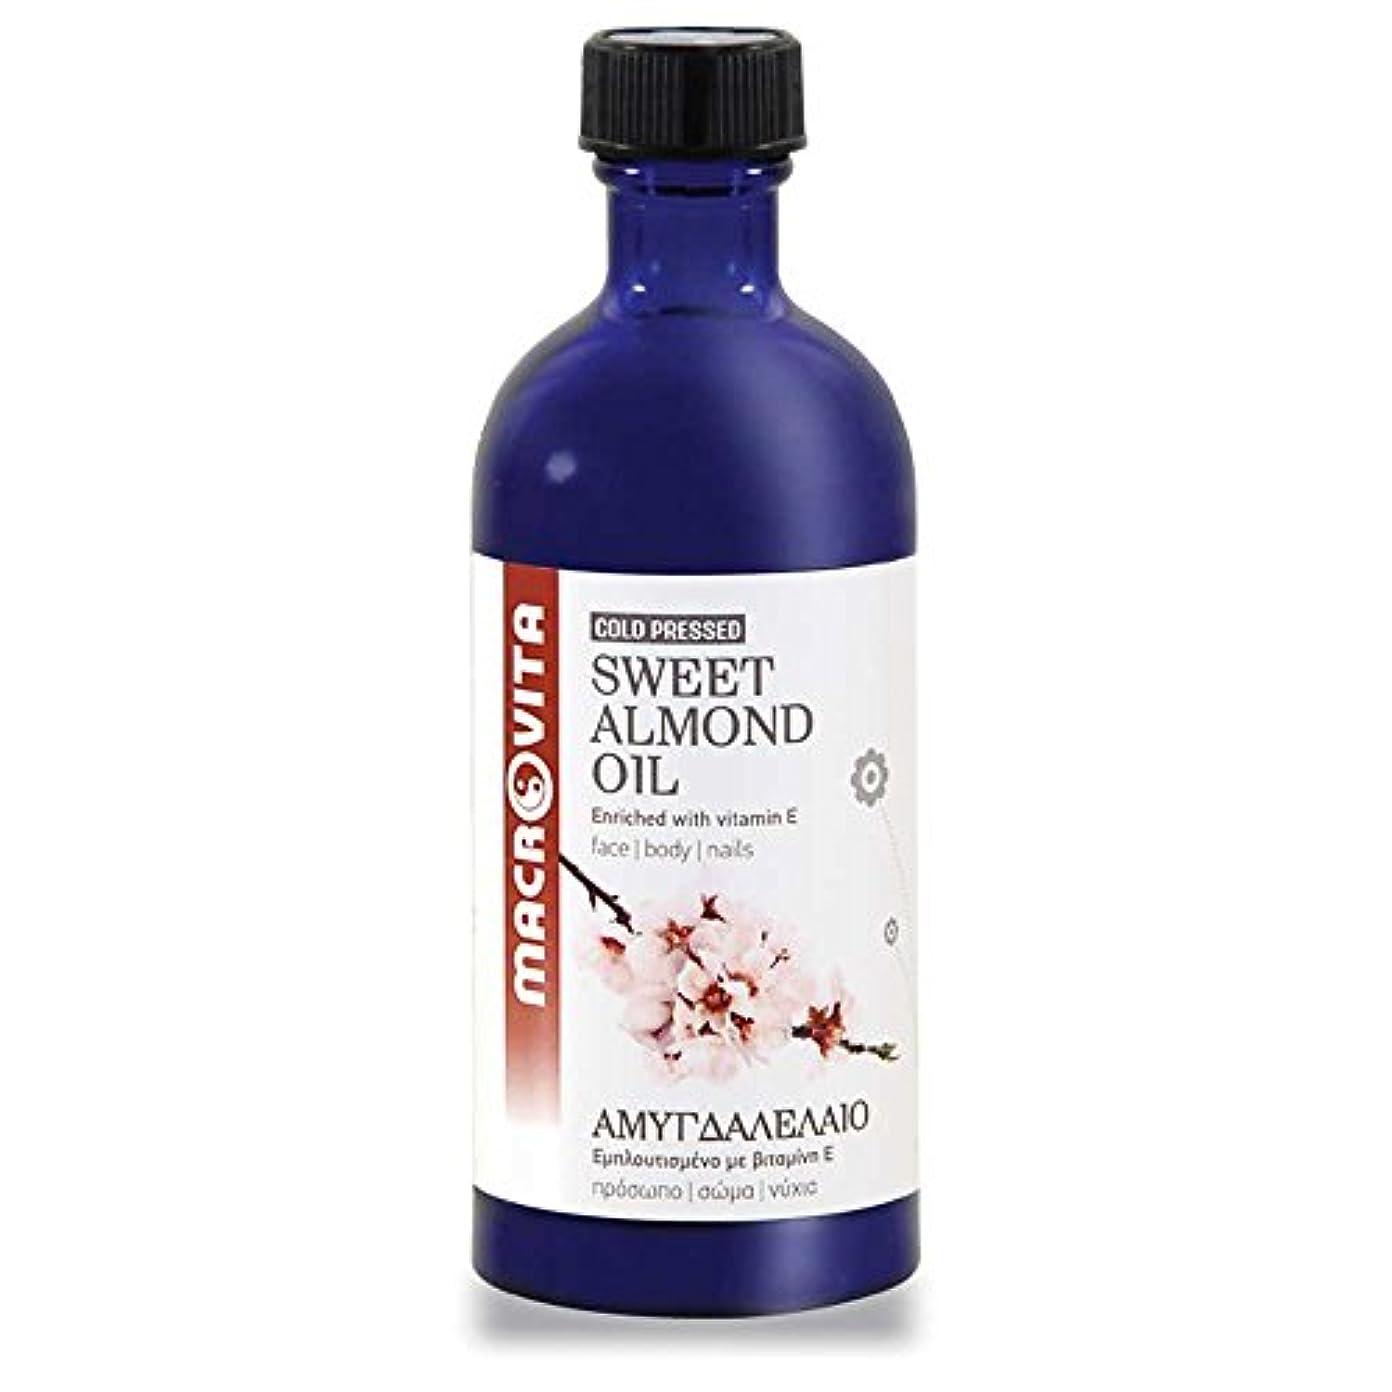 ストライプ媒染剤ハングマクロビータ スイートアーモンドオイル 100ml ギリシャ自然派化粧品コスメオイル (天然成分100%)